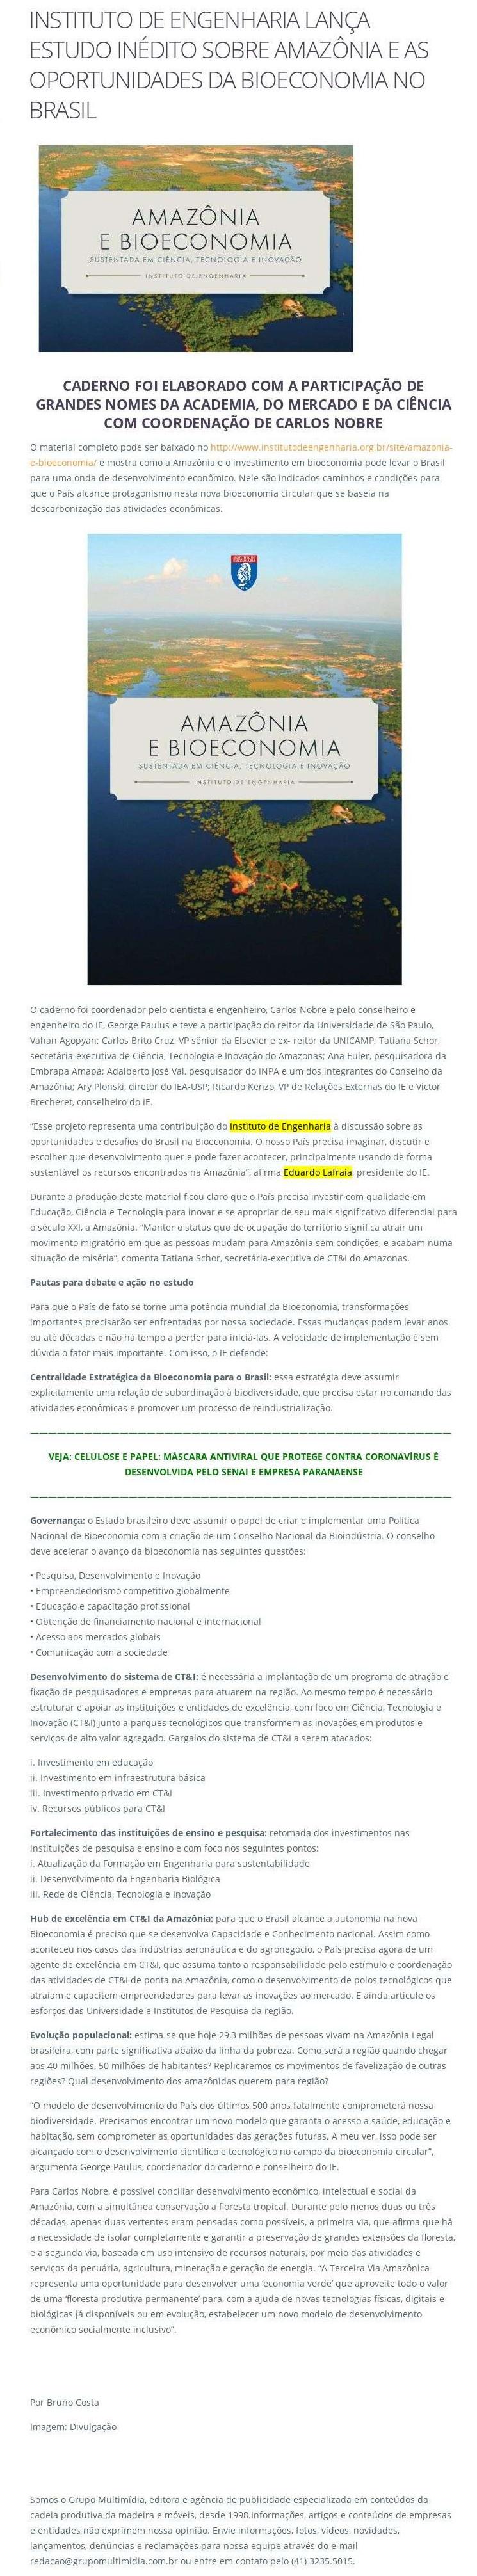 Instituto de Engenharia lança estudo inédito sobre Amazônia e as oportunidades da bioeconomia no Brasil - Madeira Total